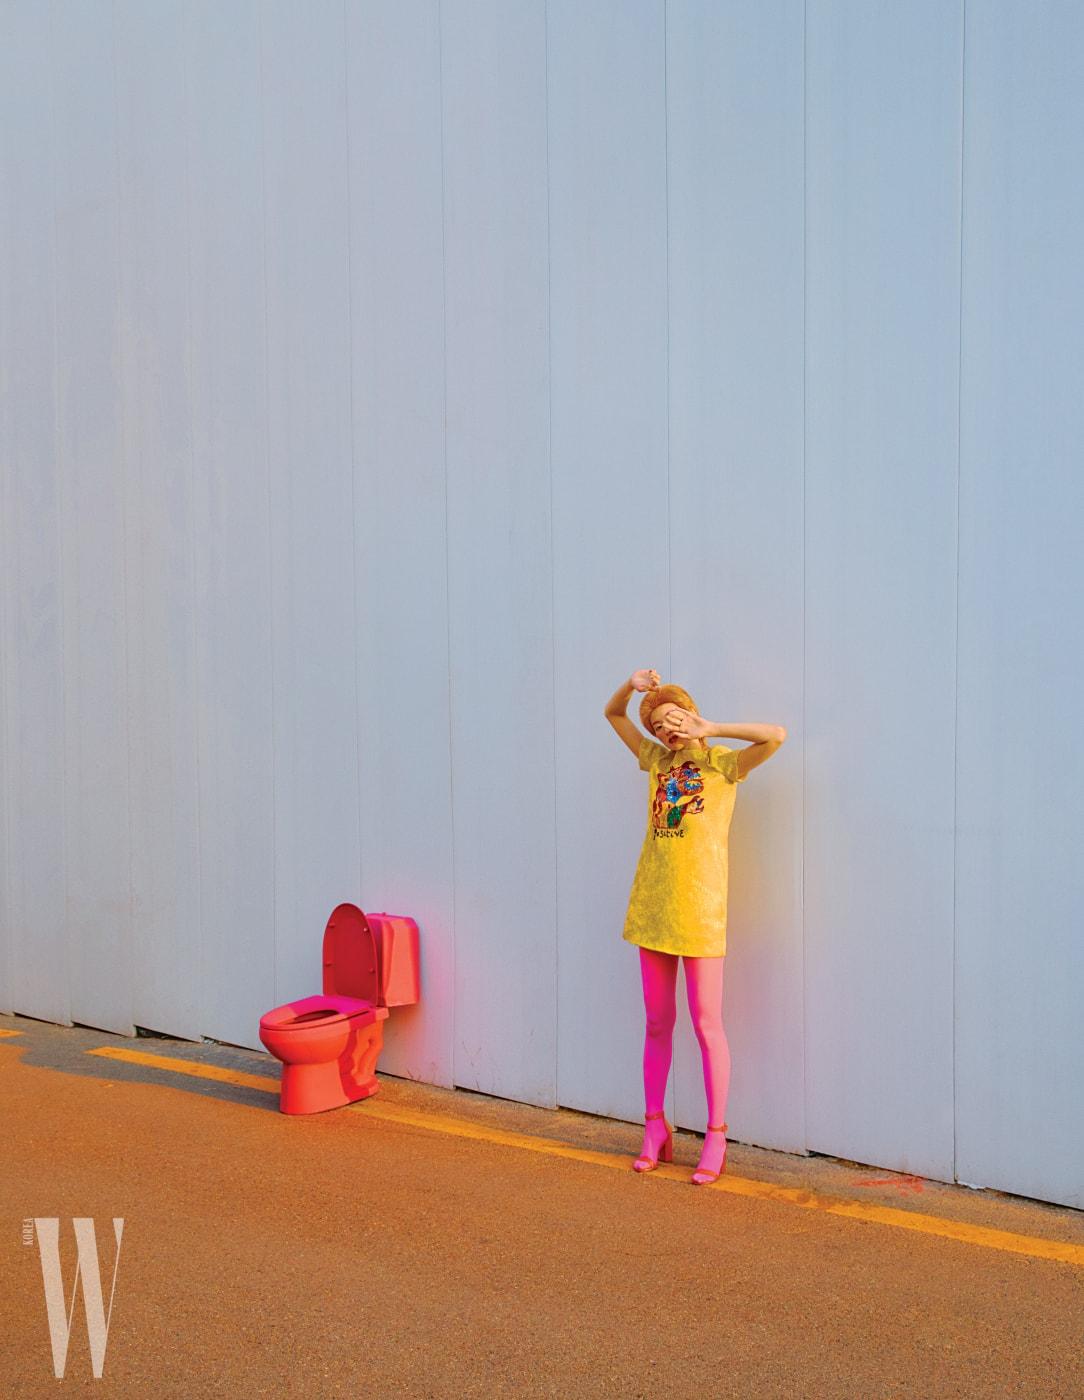 화려한 시퀸 장식 패턴이 돋보이는 노란색 미니드레스는 Dior, 주홍색 스트랩 힐은 Stuart Weitzman 제품.